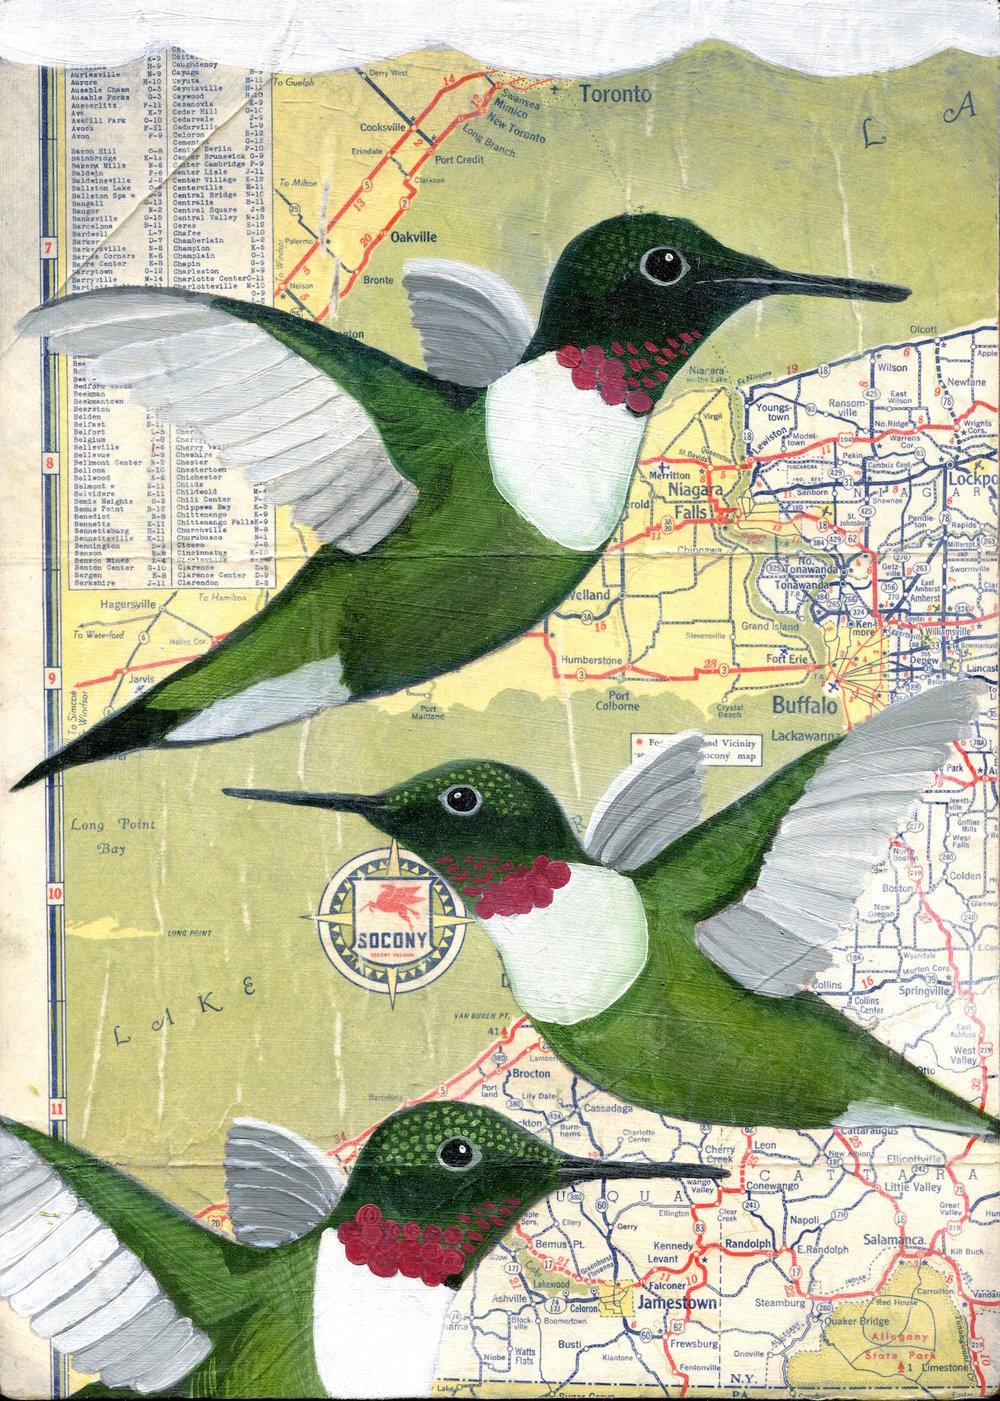 3 hummingbirds